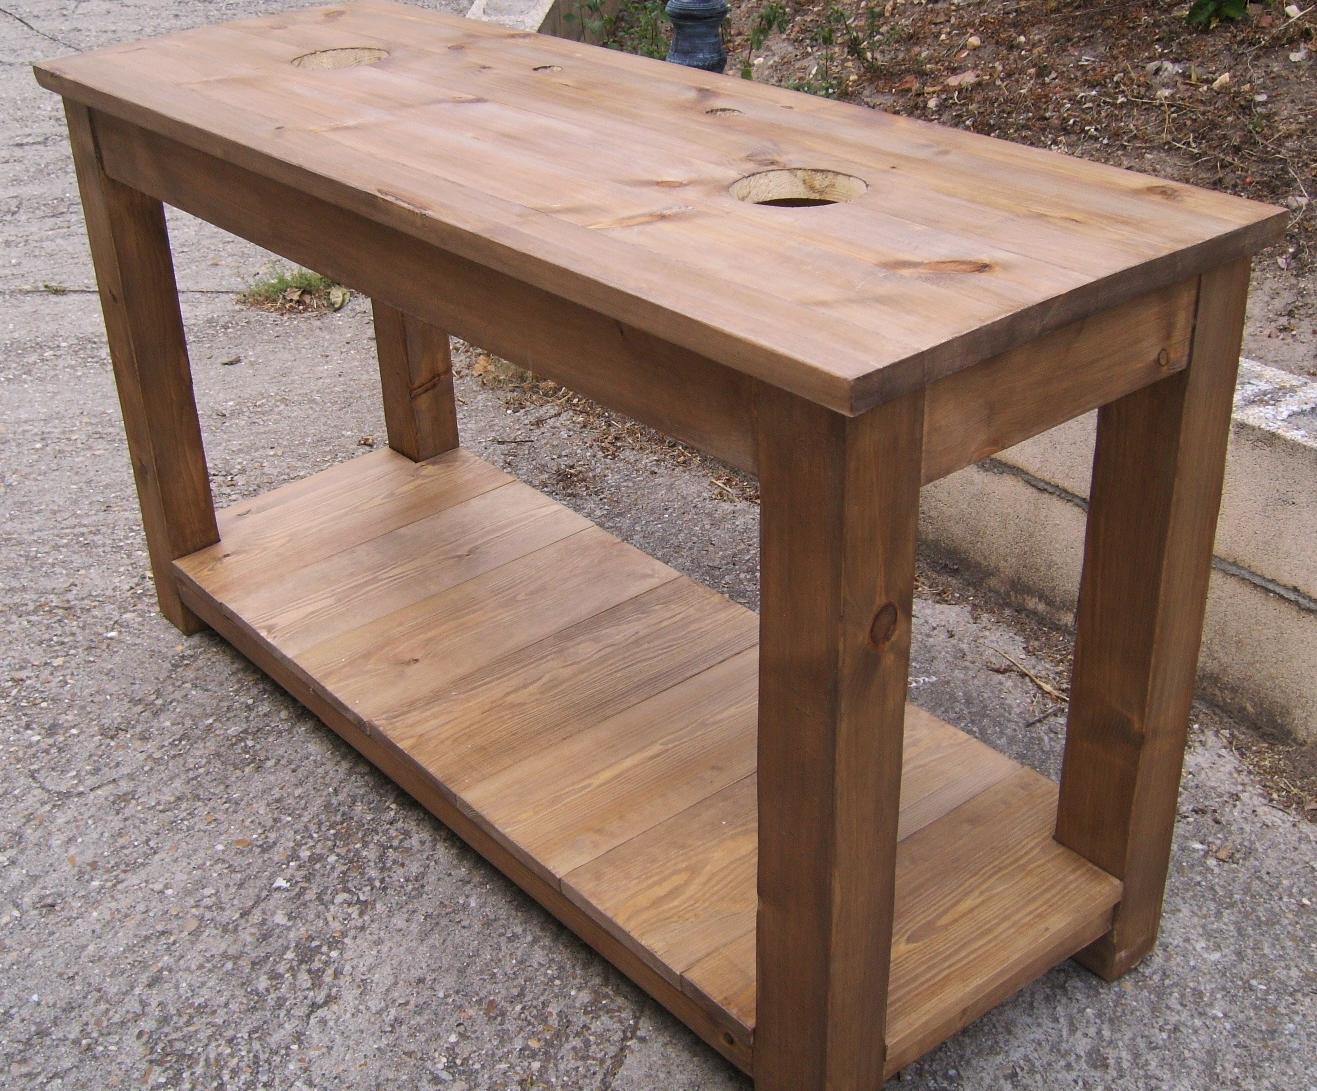 Mesa lavabo de madera dise o y estilo para el ba o - Mueble lavabo madera ...